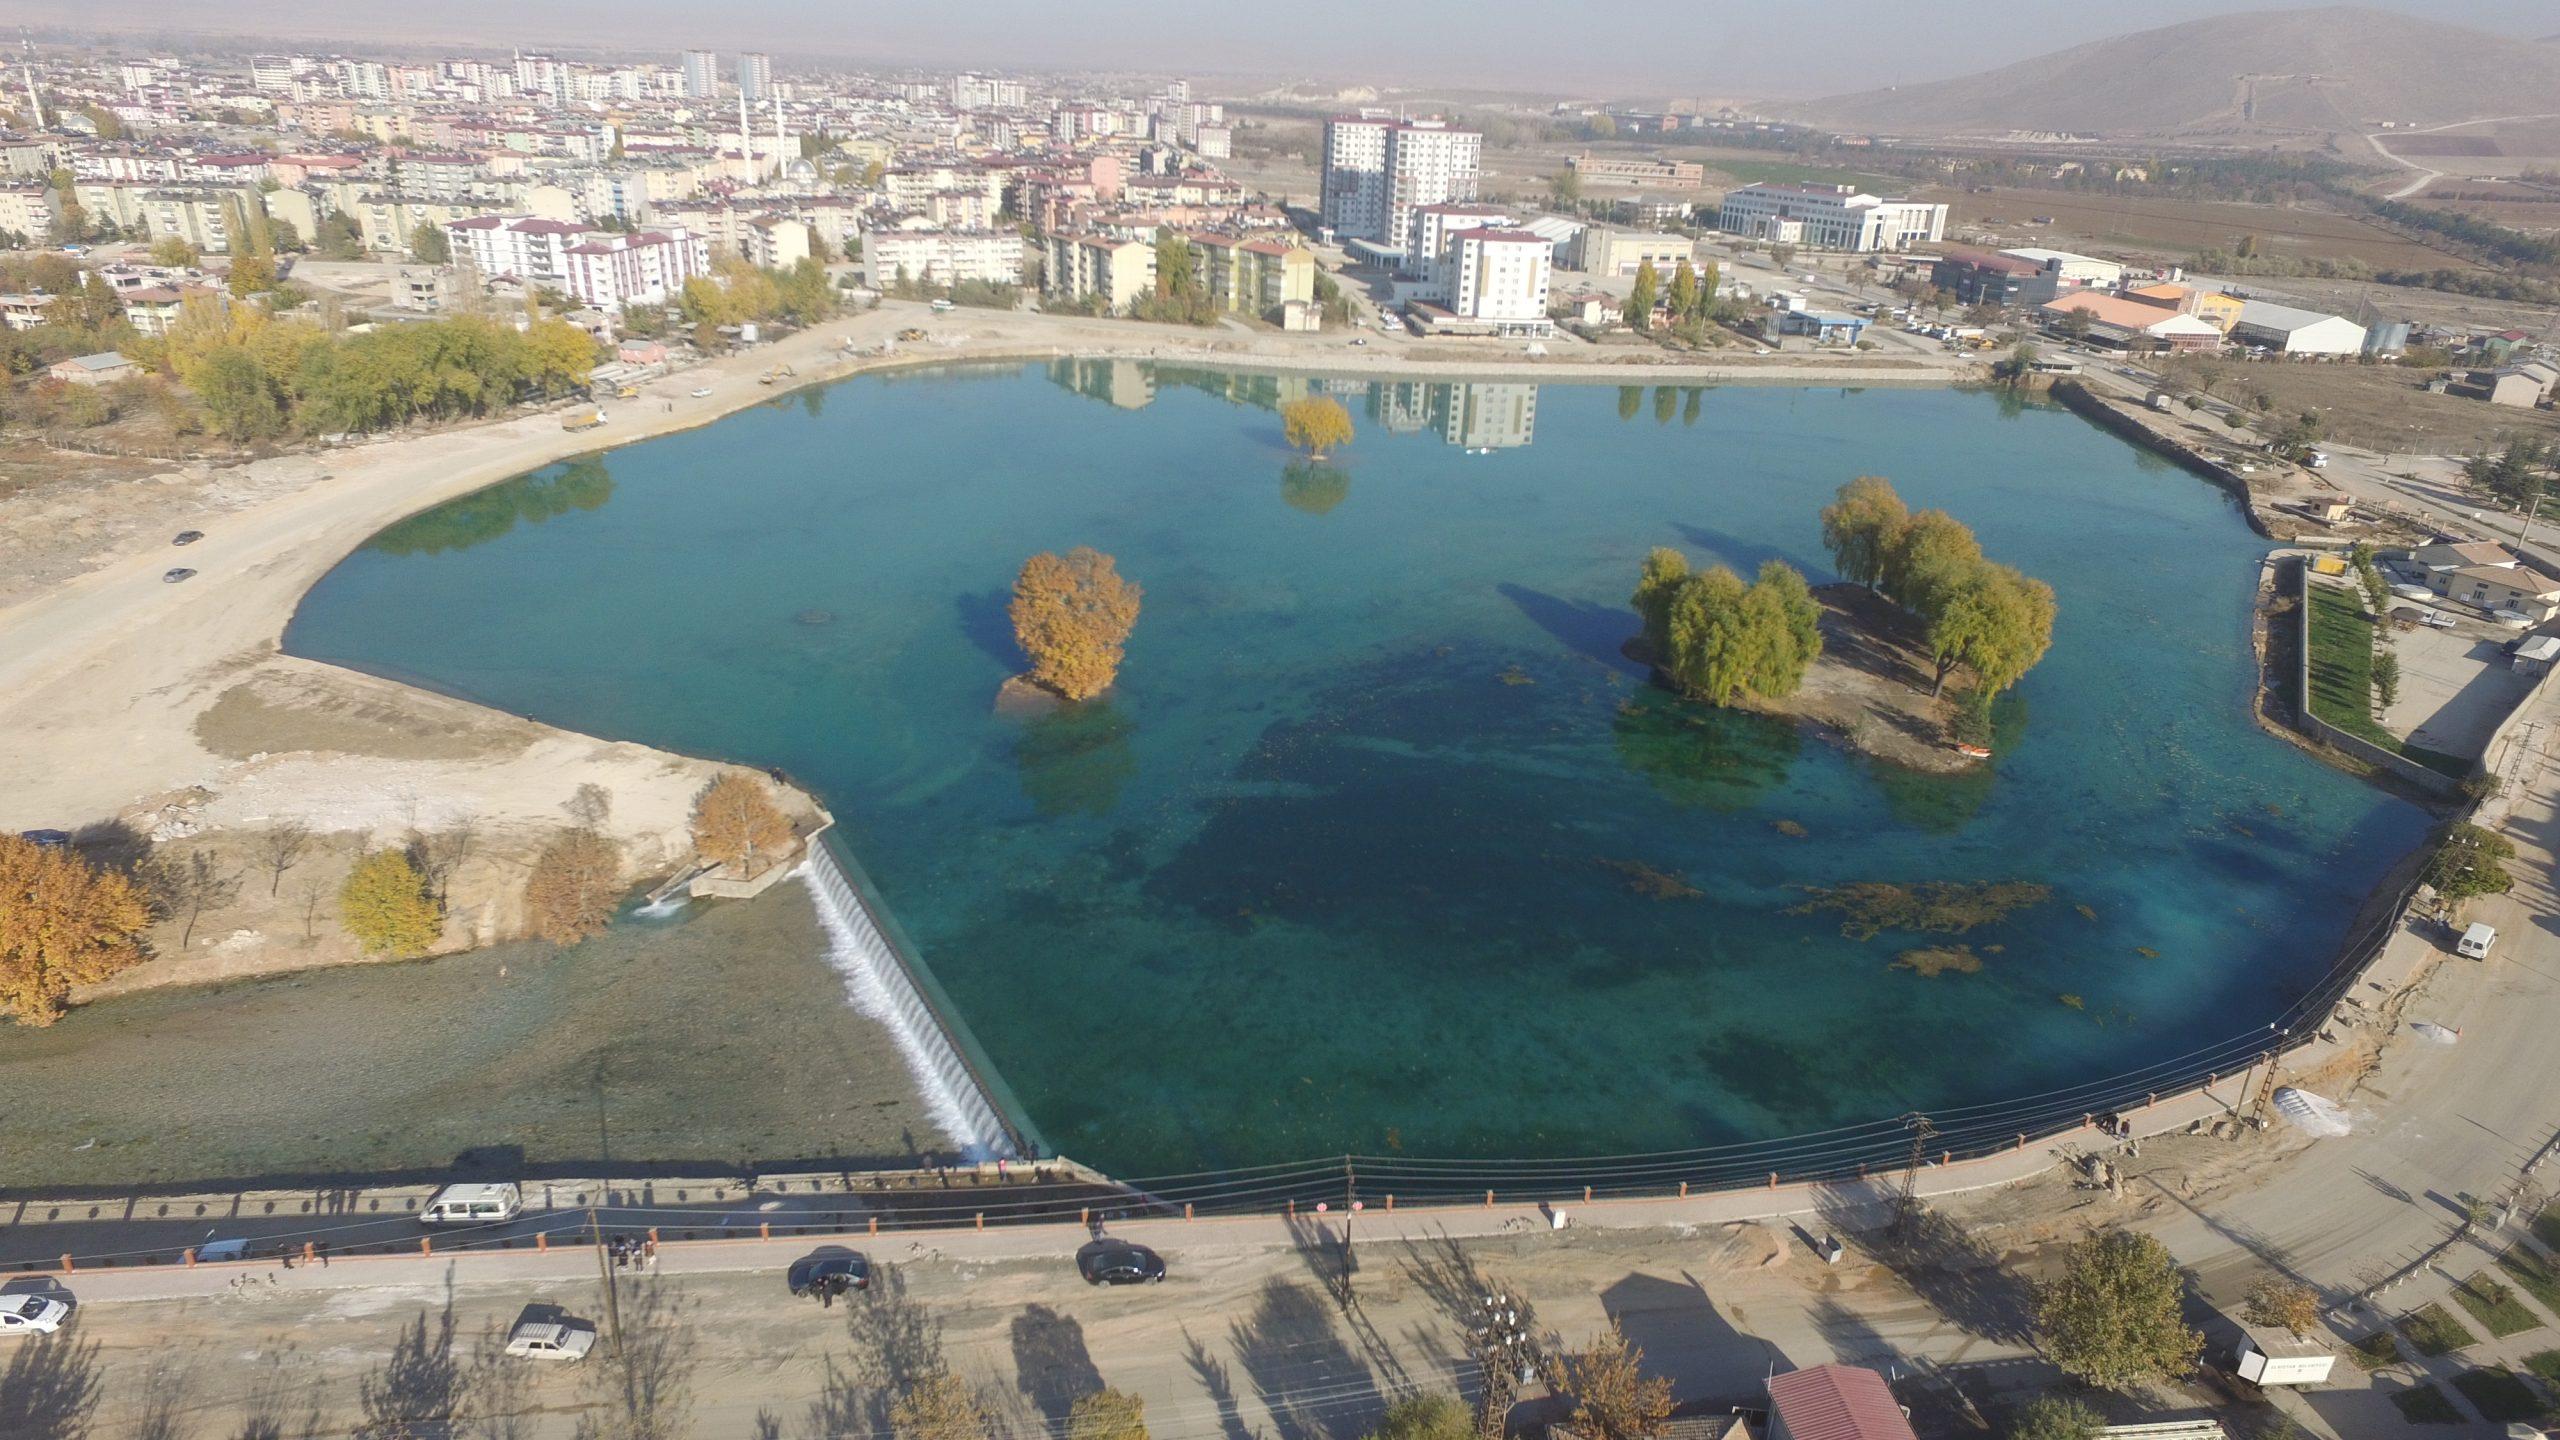 Dünyanın En Büyük Biyolojik Havuzu Elbistan'da